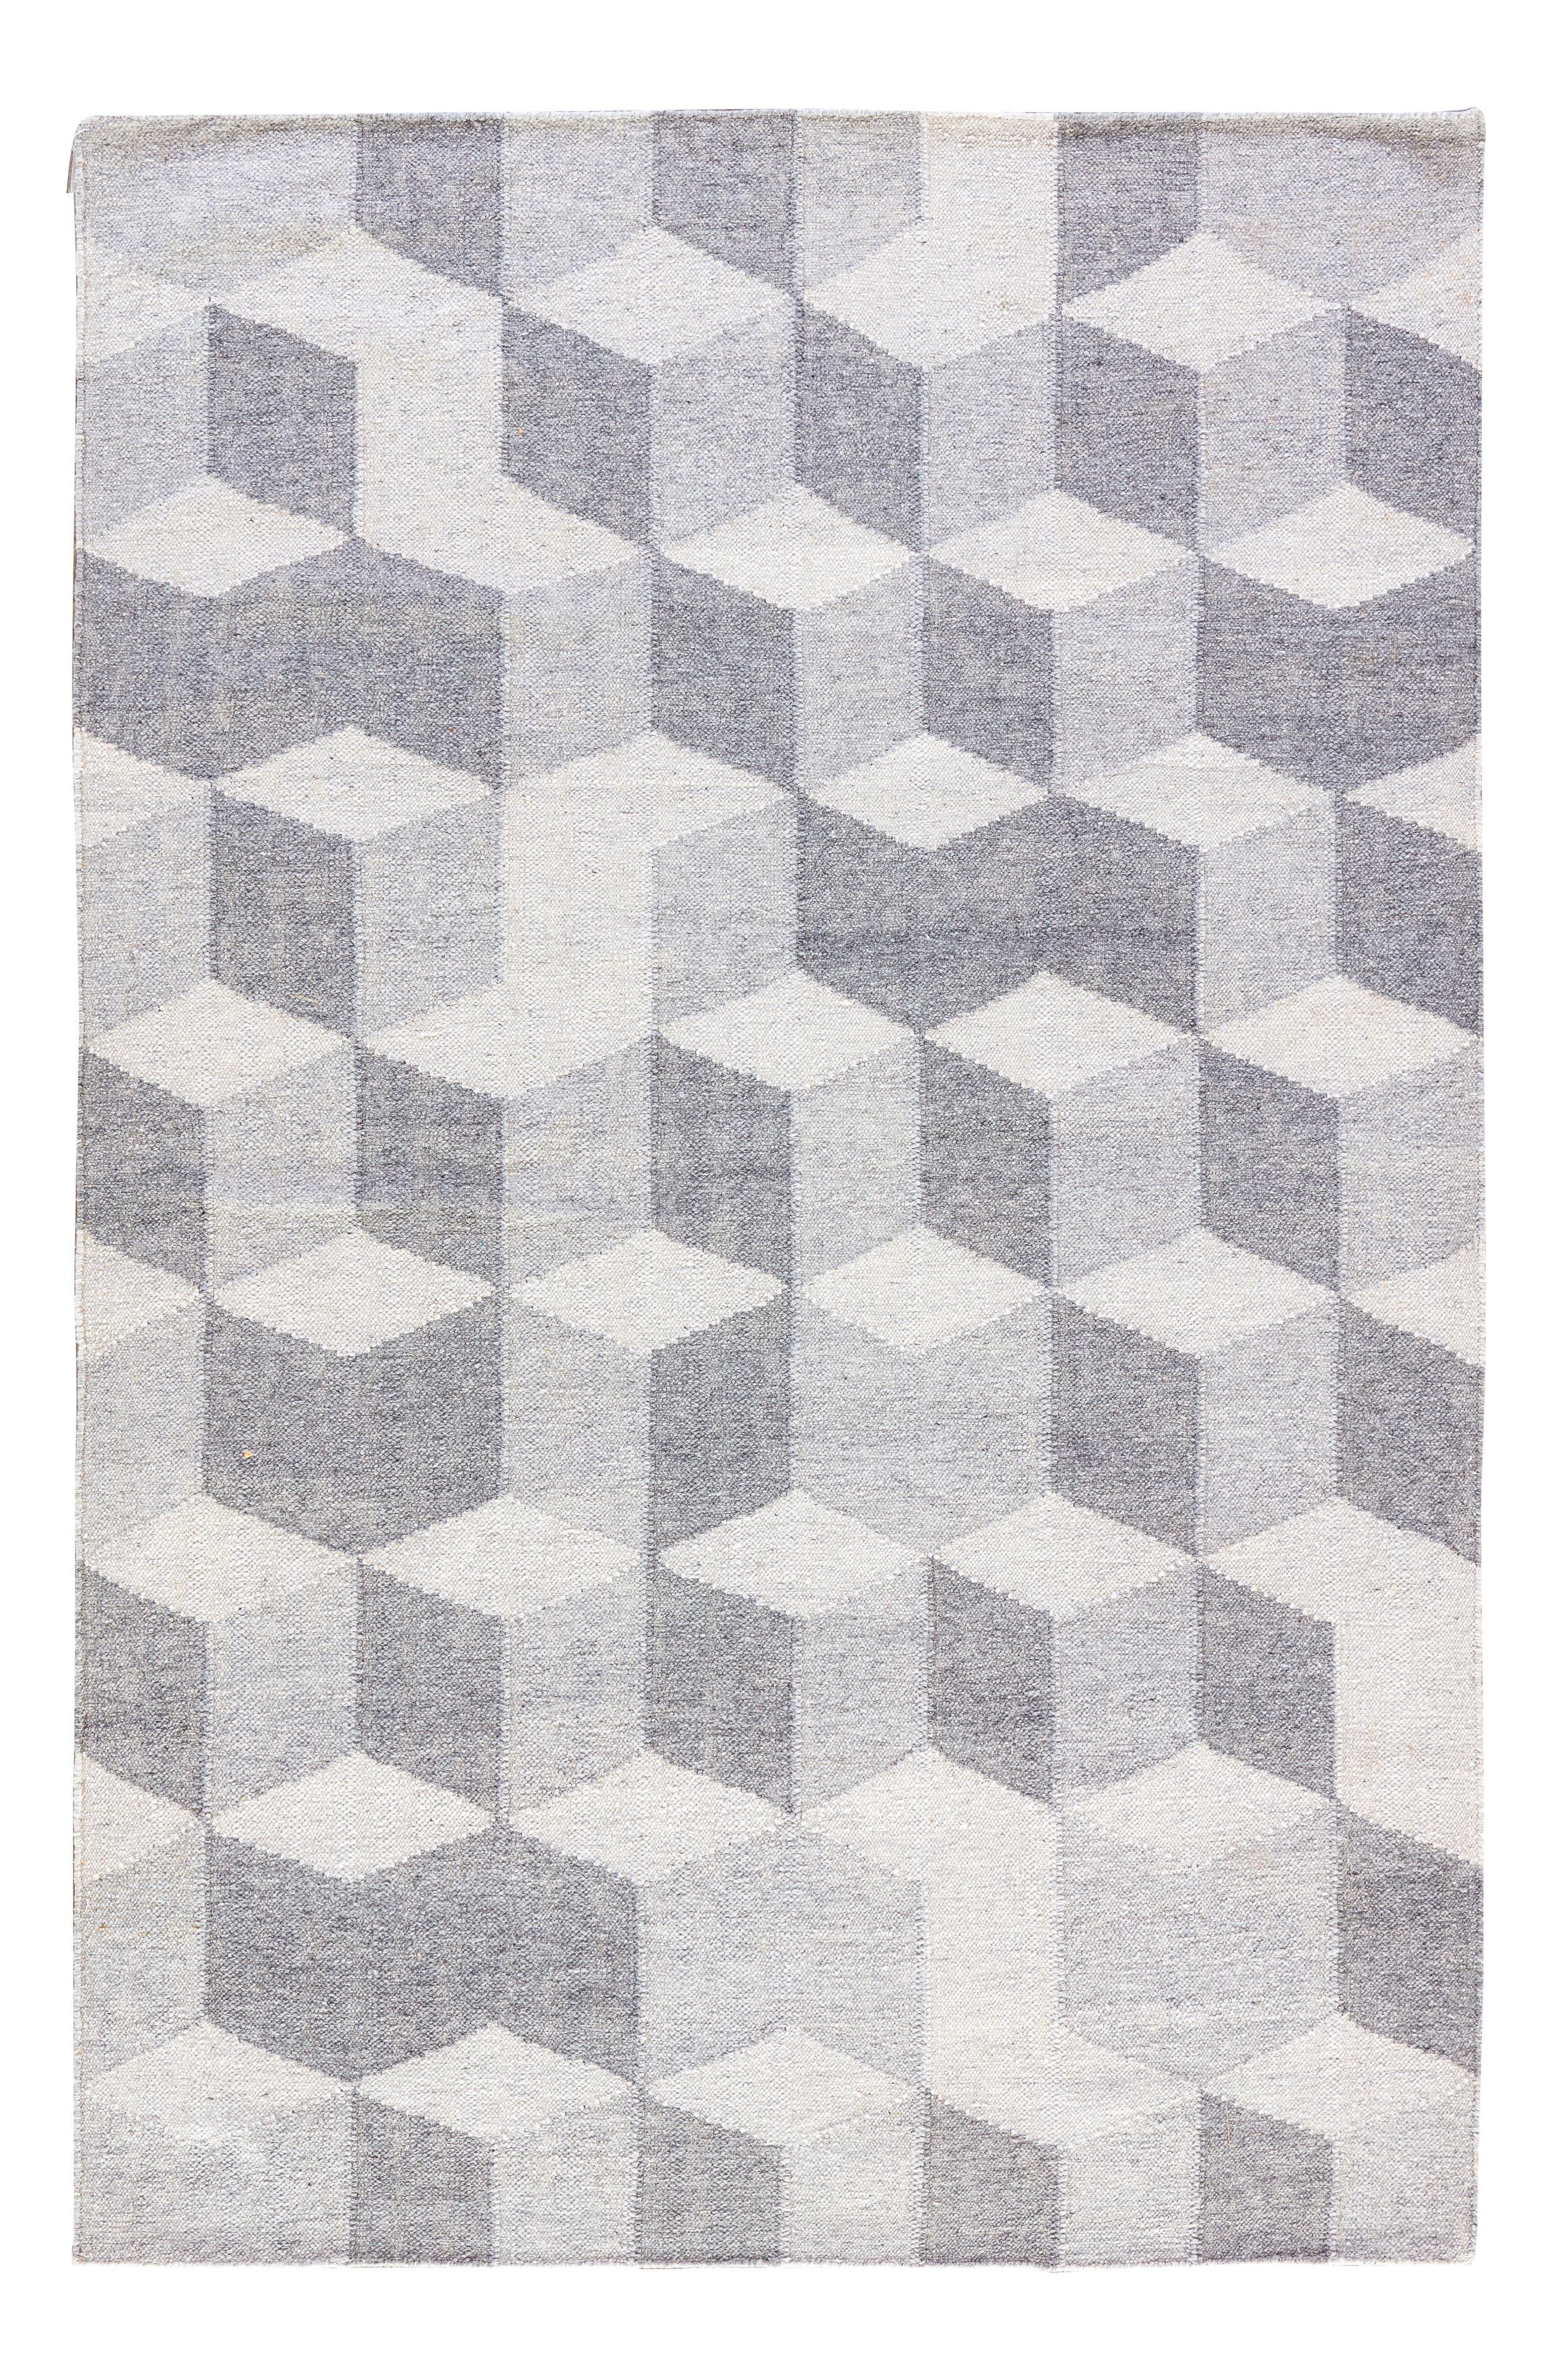 Pyramid Blocks Rug,                             Main thumbnail 4, color,